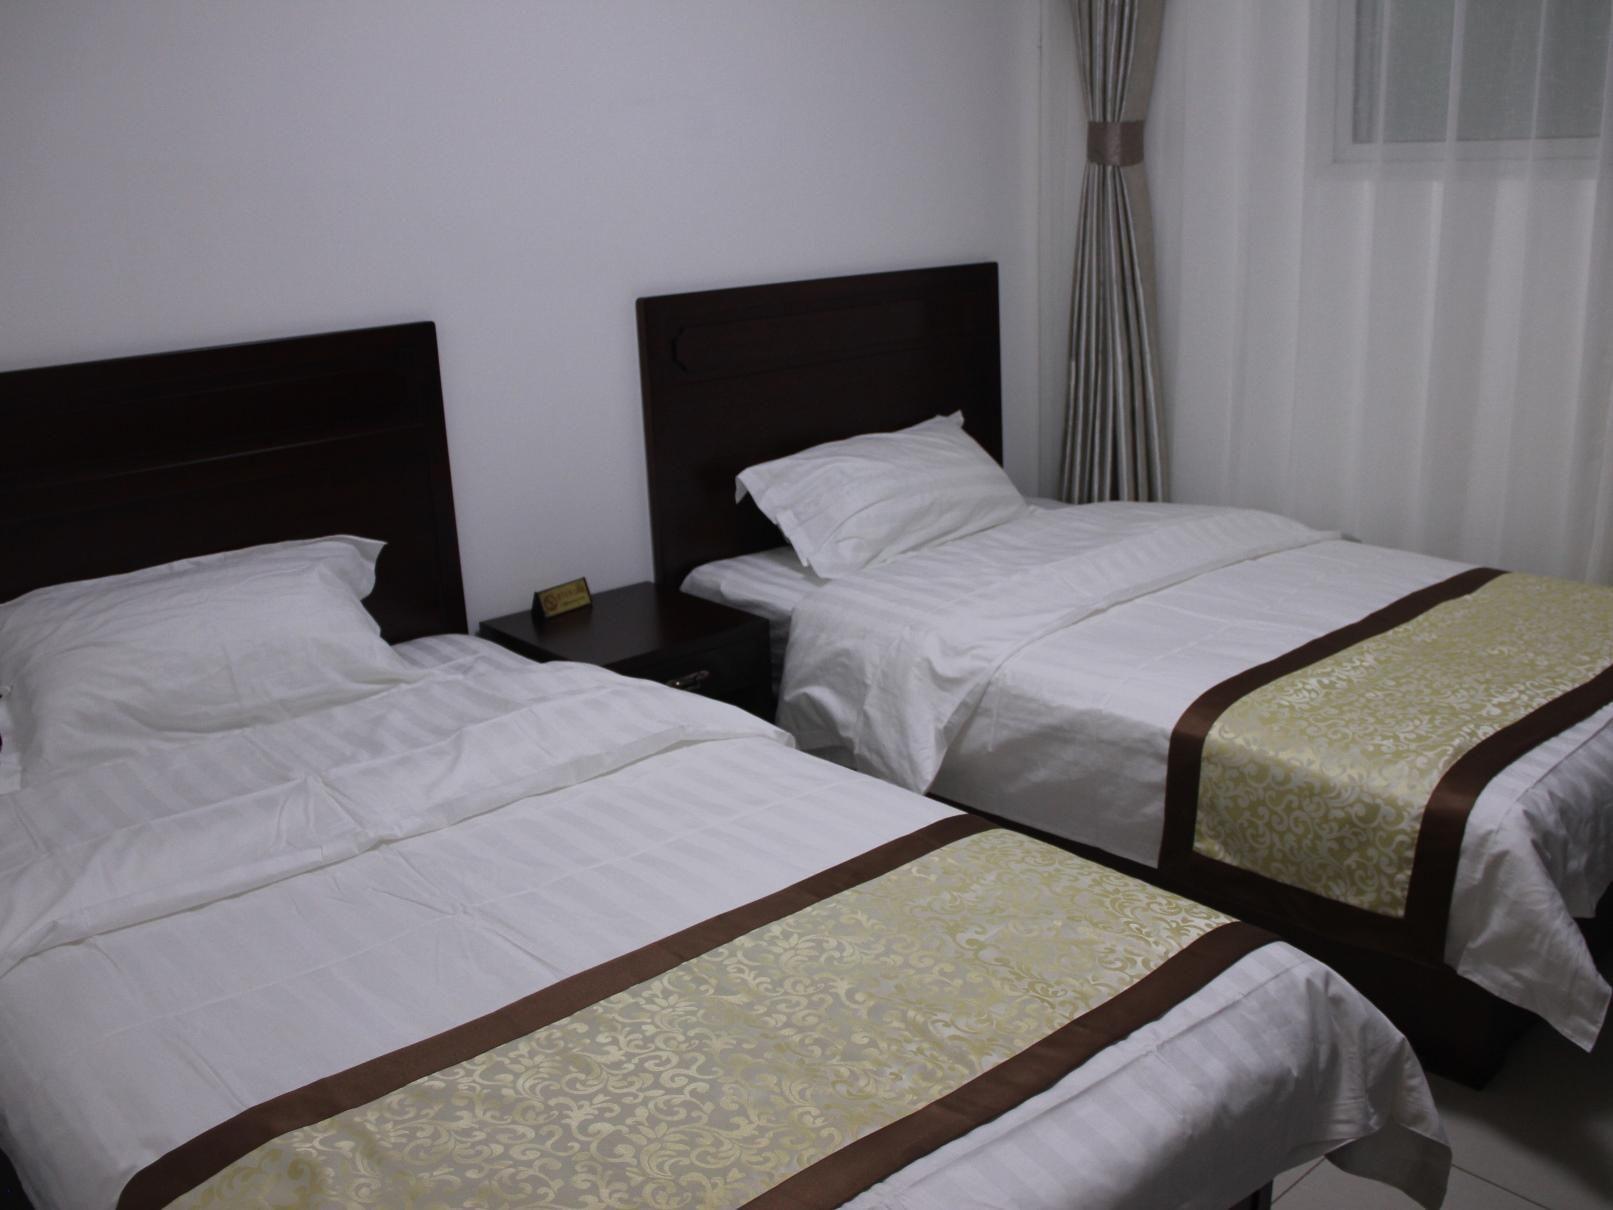 Beijing Jishuiyuan Hotel Beijing, China